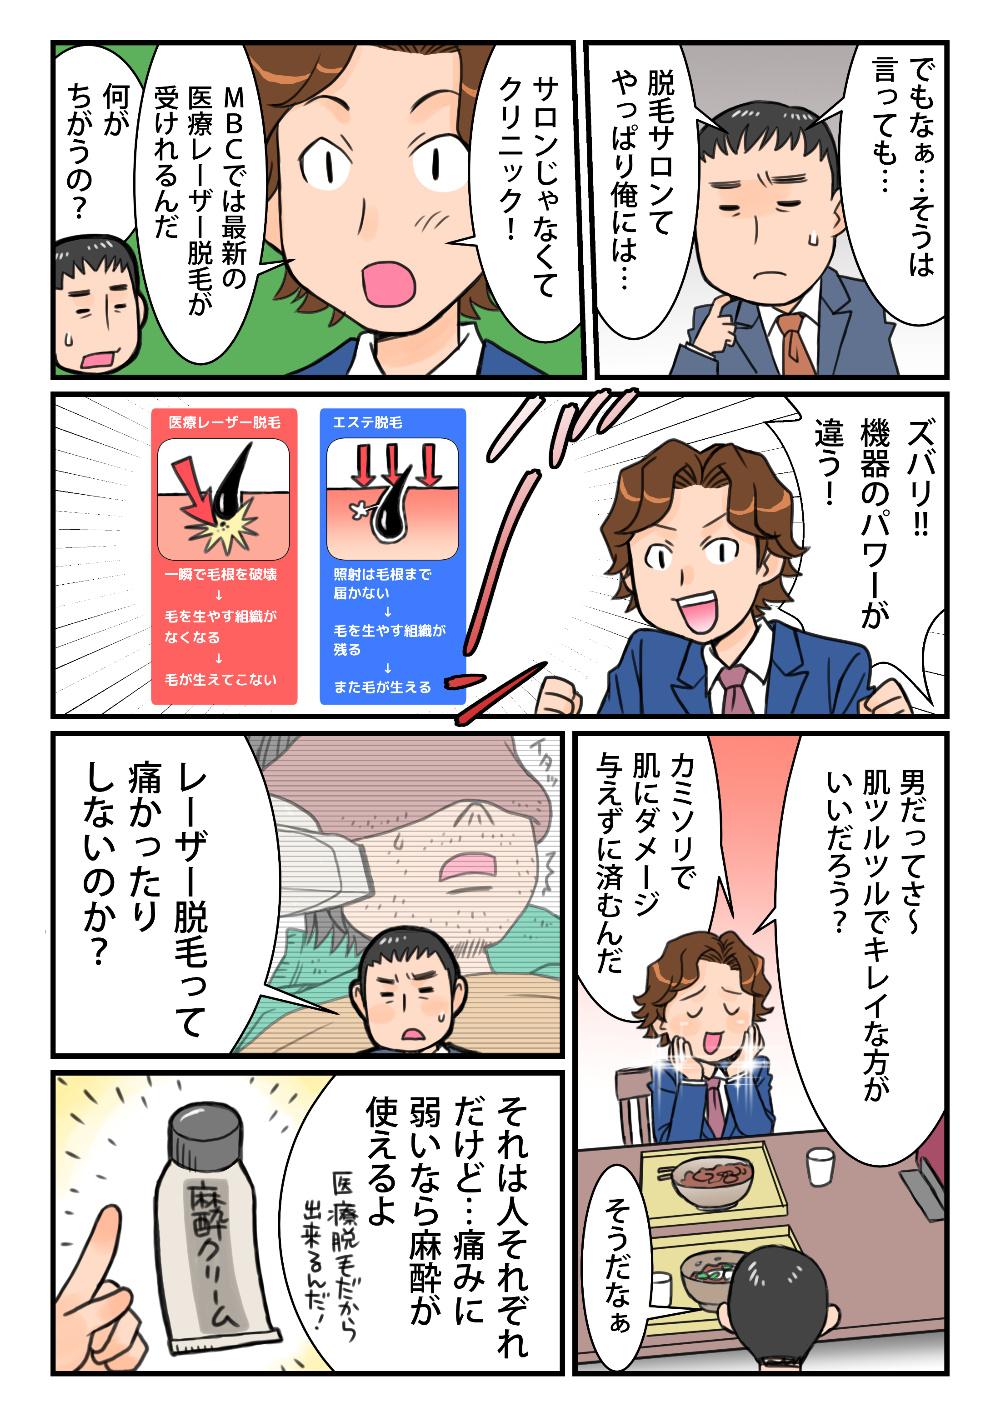 脱毛漫画男性2